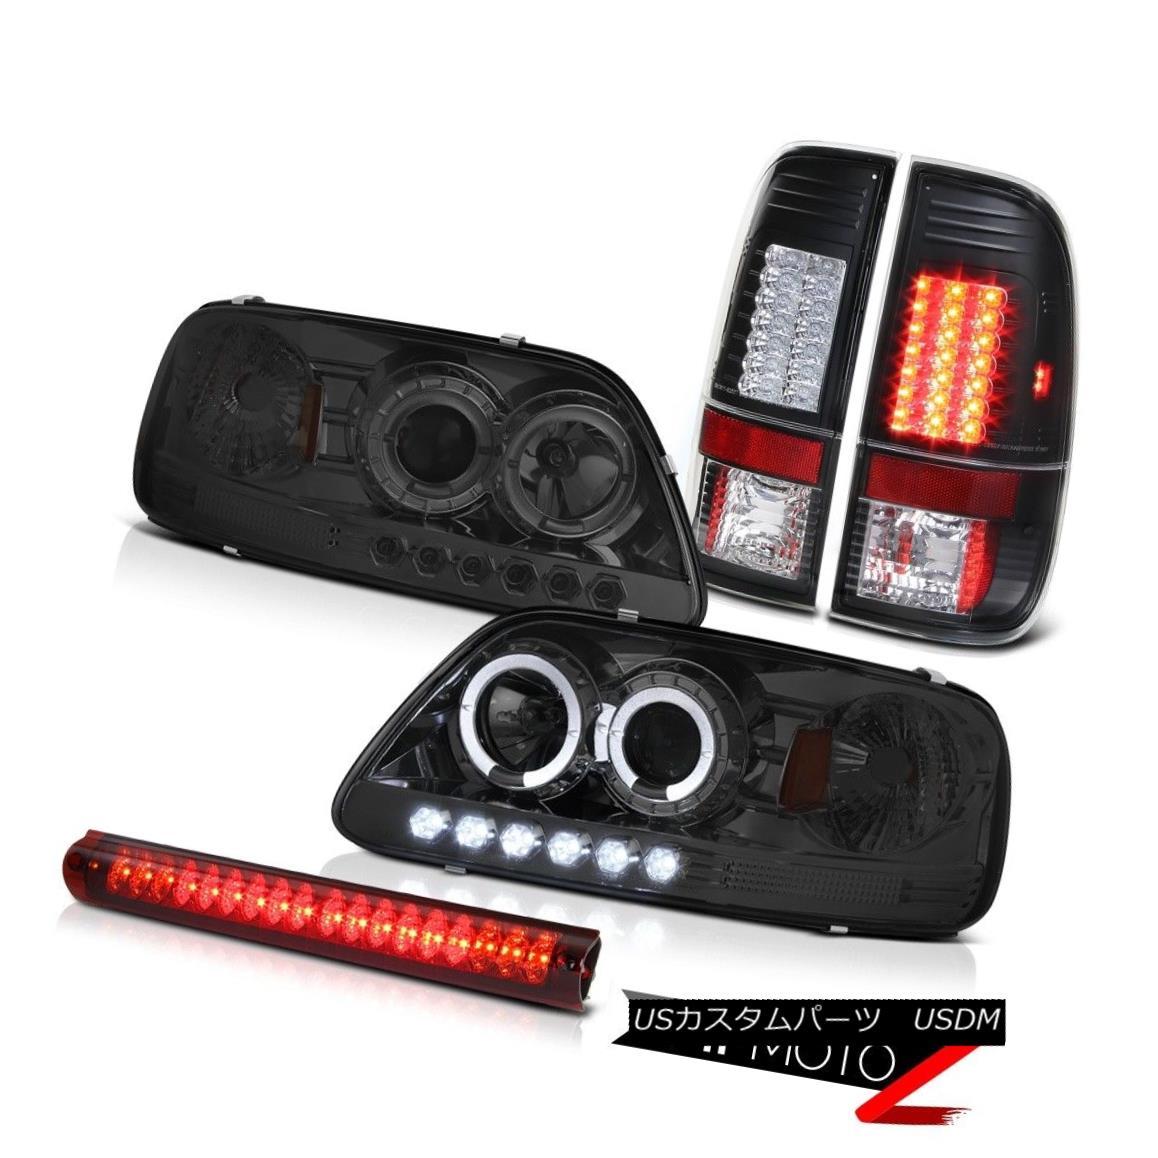 ヘッドライト Tinted Halo LED Headlights Signal Brake Tail Lights Stop Red 1997 1998 F150 5.4L 有色ハローLEDヘッドライト信号ブレーキテールライトストップレッド1997 1998 F150 5.4L